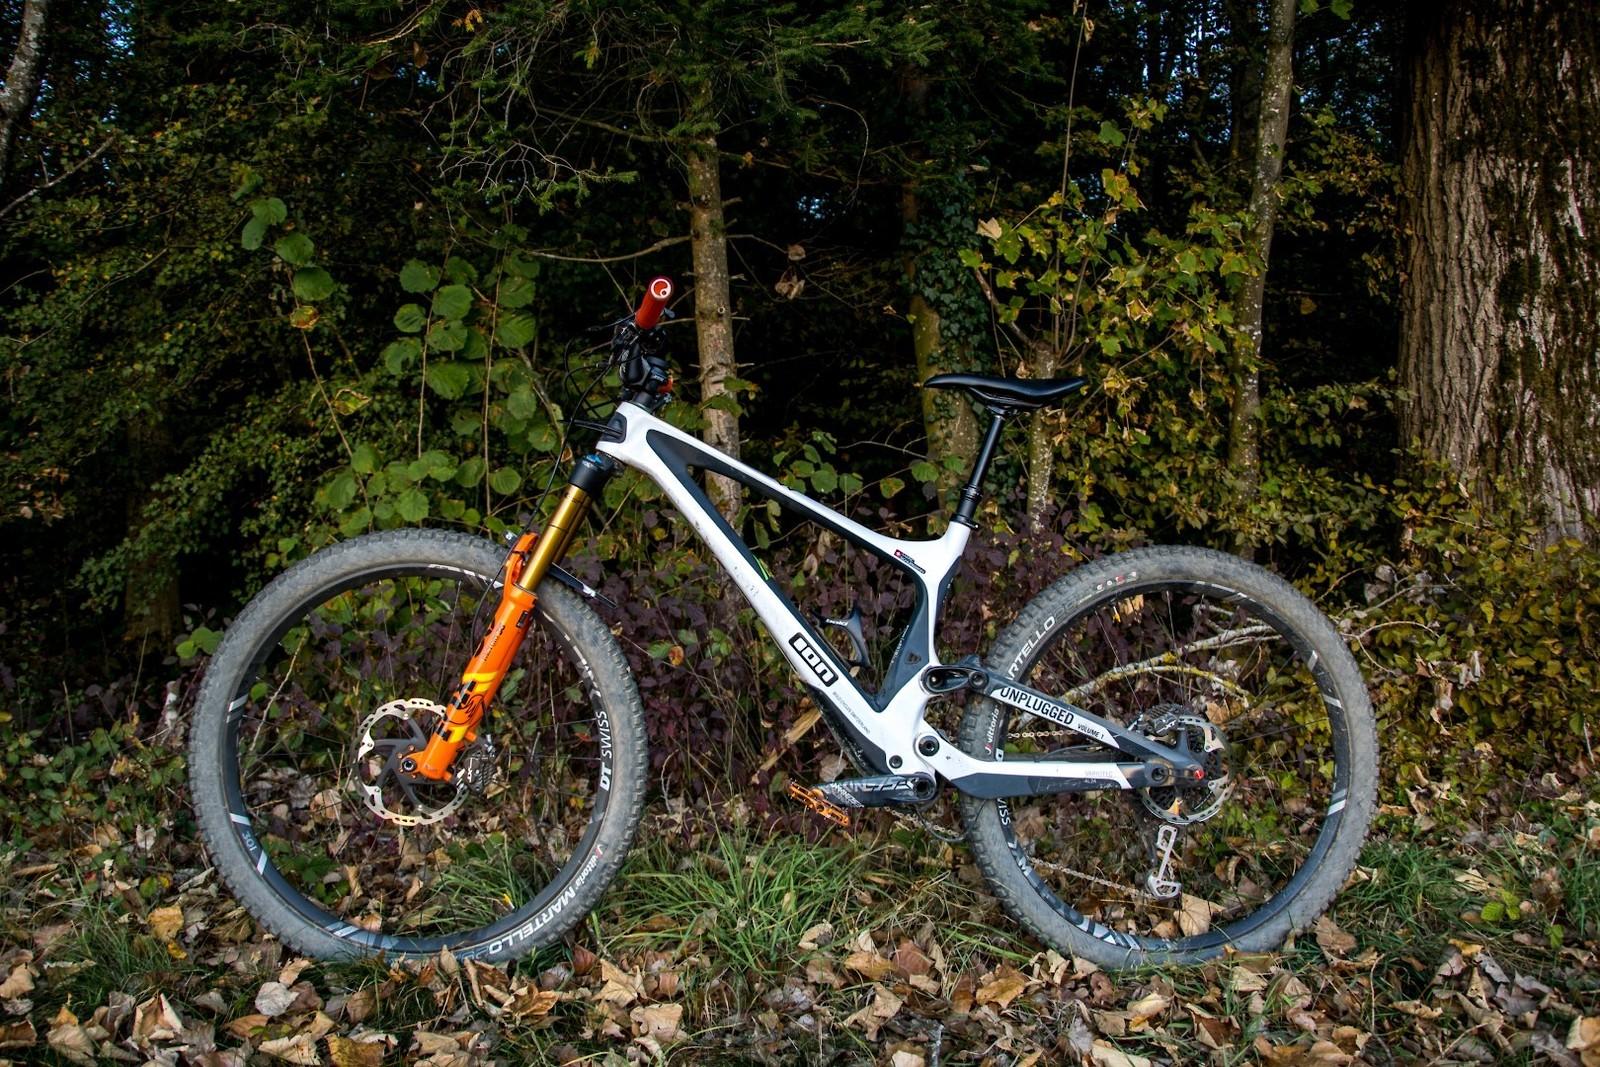 003 - allmountain.ch - Mountain Biking Pictures - Vital MTB